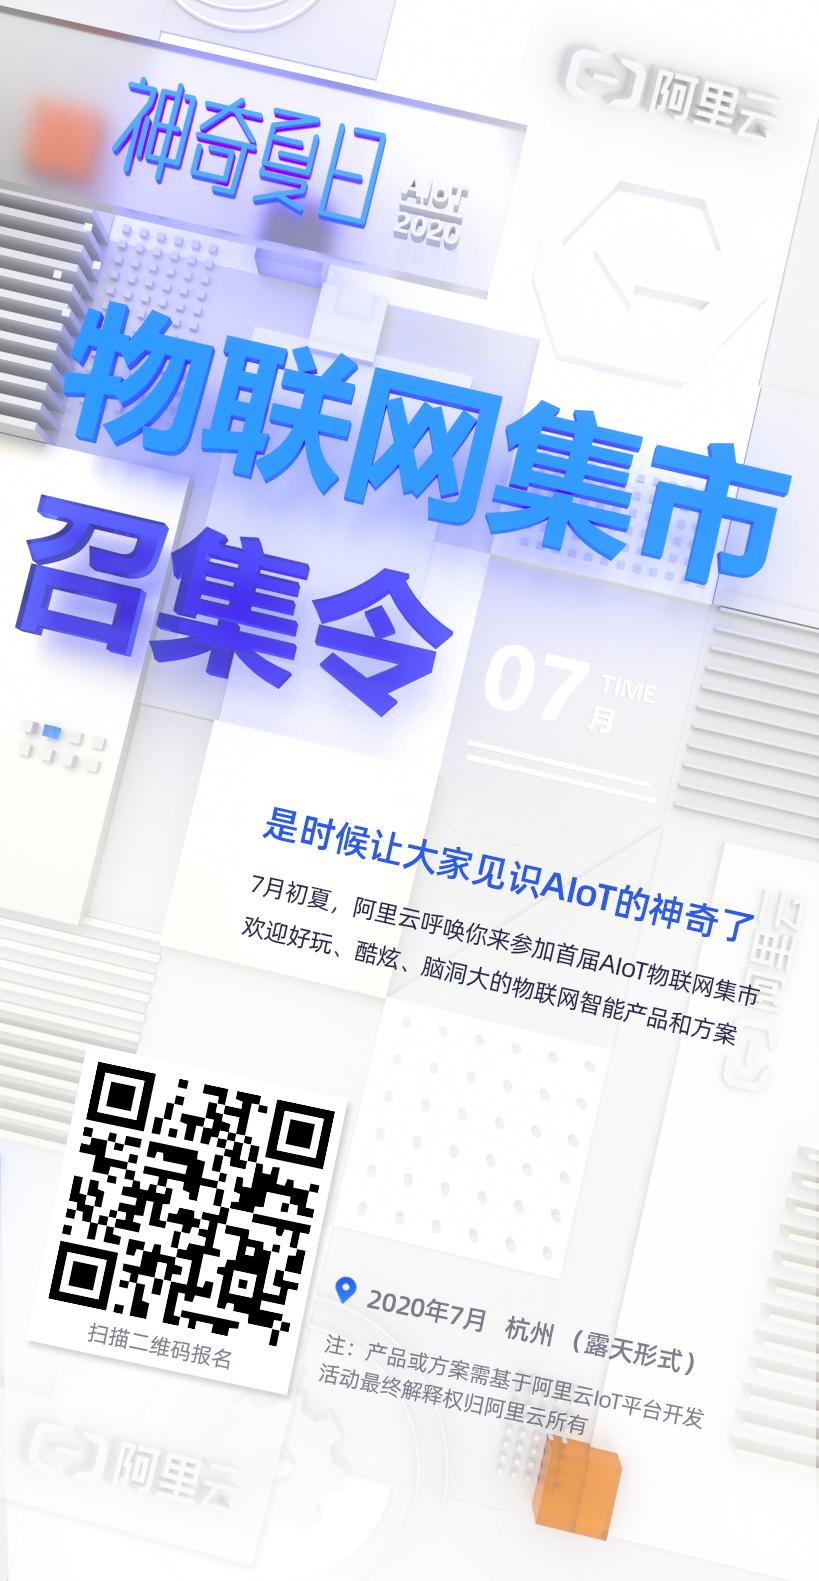 6月-神奇夏日物联网集市-深橴-驻场-美美-源文件.png